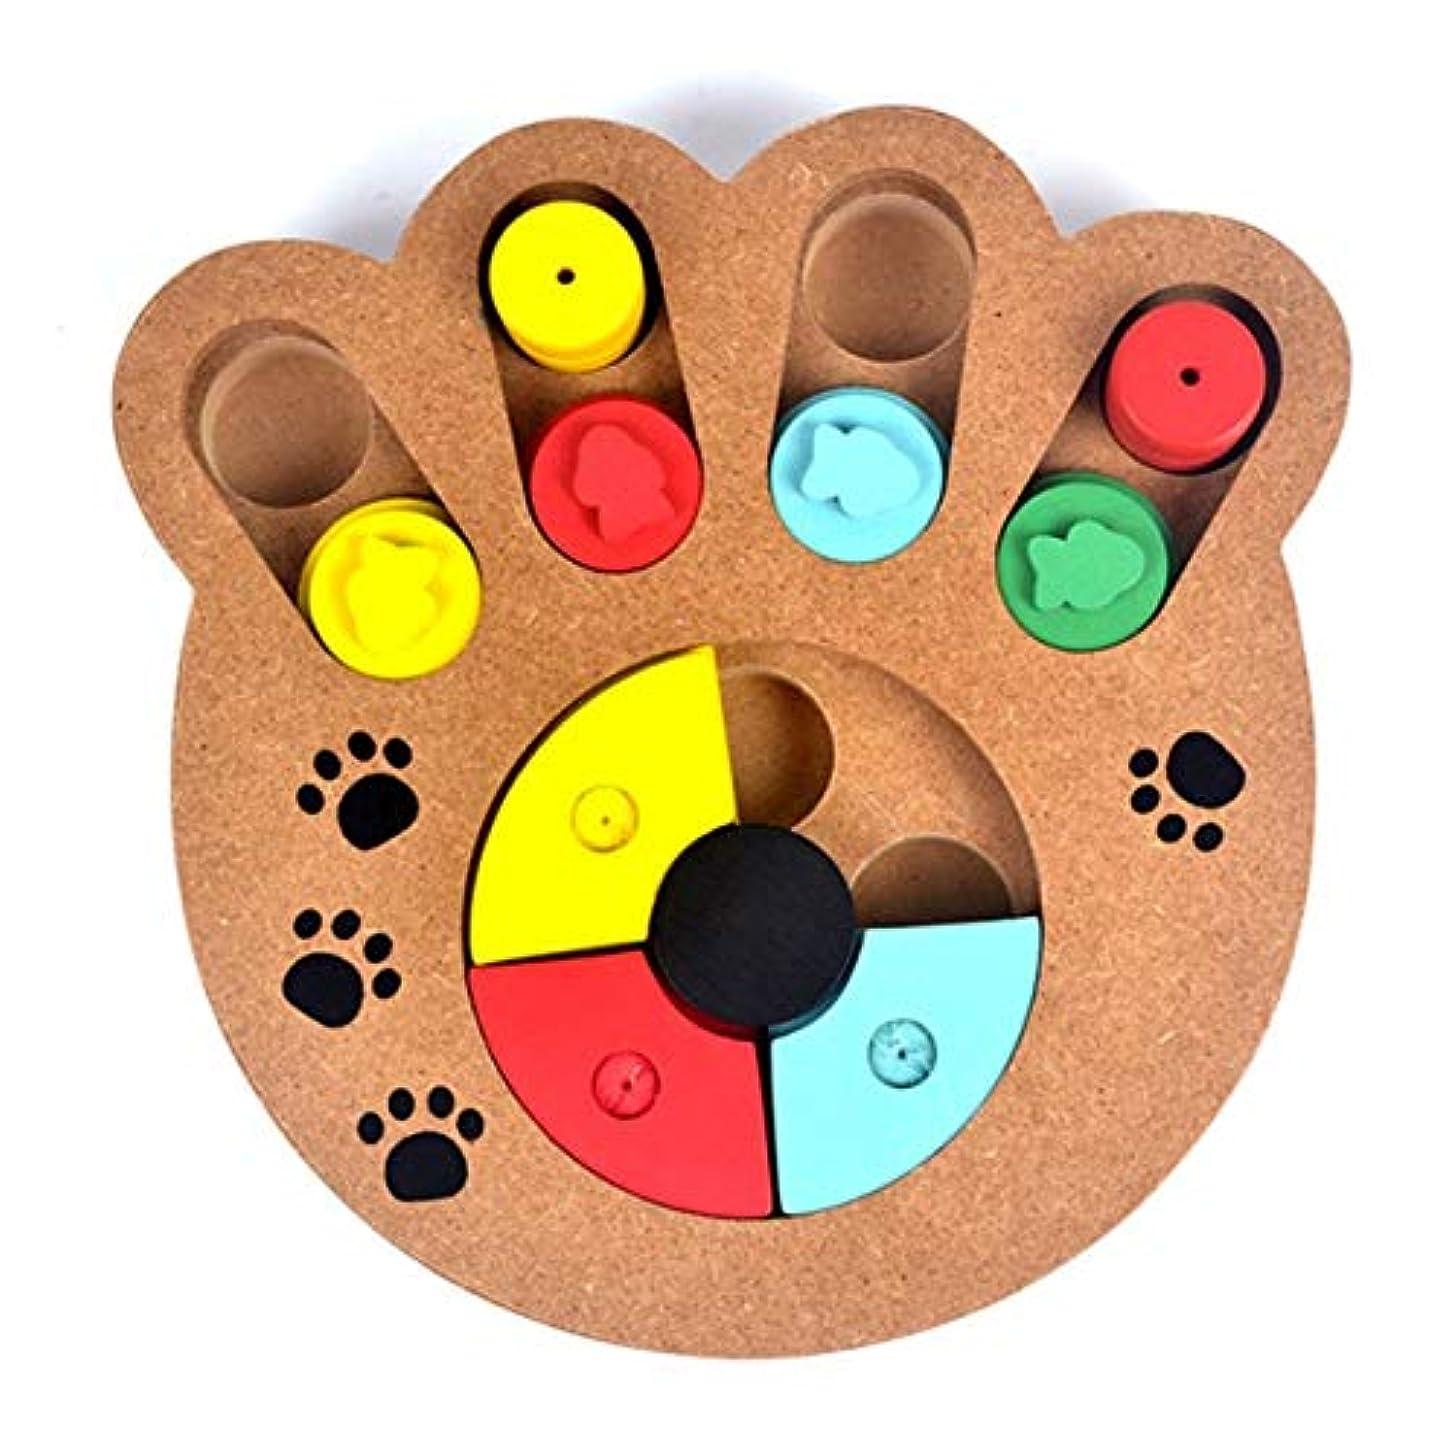 スツール唯物論アスレチックSaikogoods 多機能の自然食品は 子犬犬猫ペット用品のための木製教育ポウパズルインタラクティブ玩具扱い マルチカラーミックス